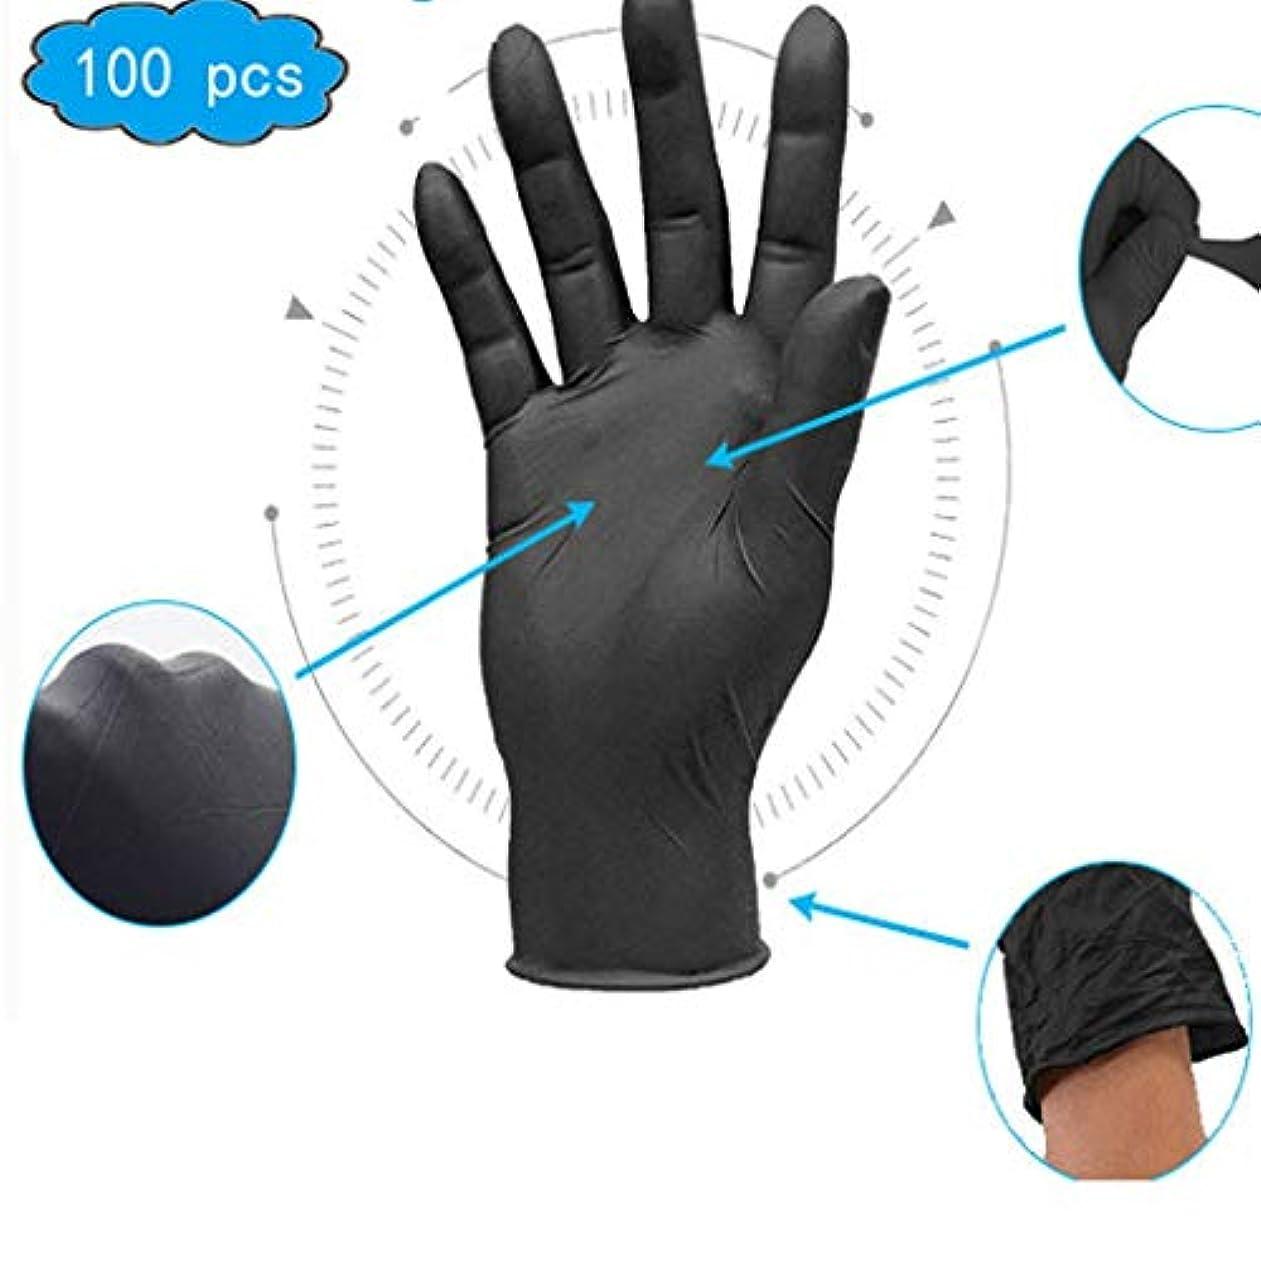 給料正当化するセント使い捨て手袋 - 健康における、パウダーフリー、ラテックスフリー、大型の100箱、サニタリーグローブ、家庭用ベビーケア用品、研究室および科学製品 (Color : Black, Size : XL)